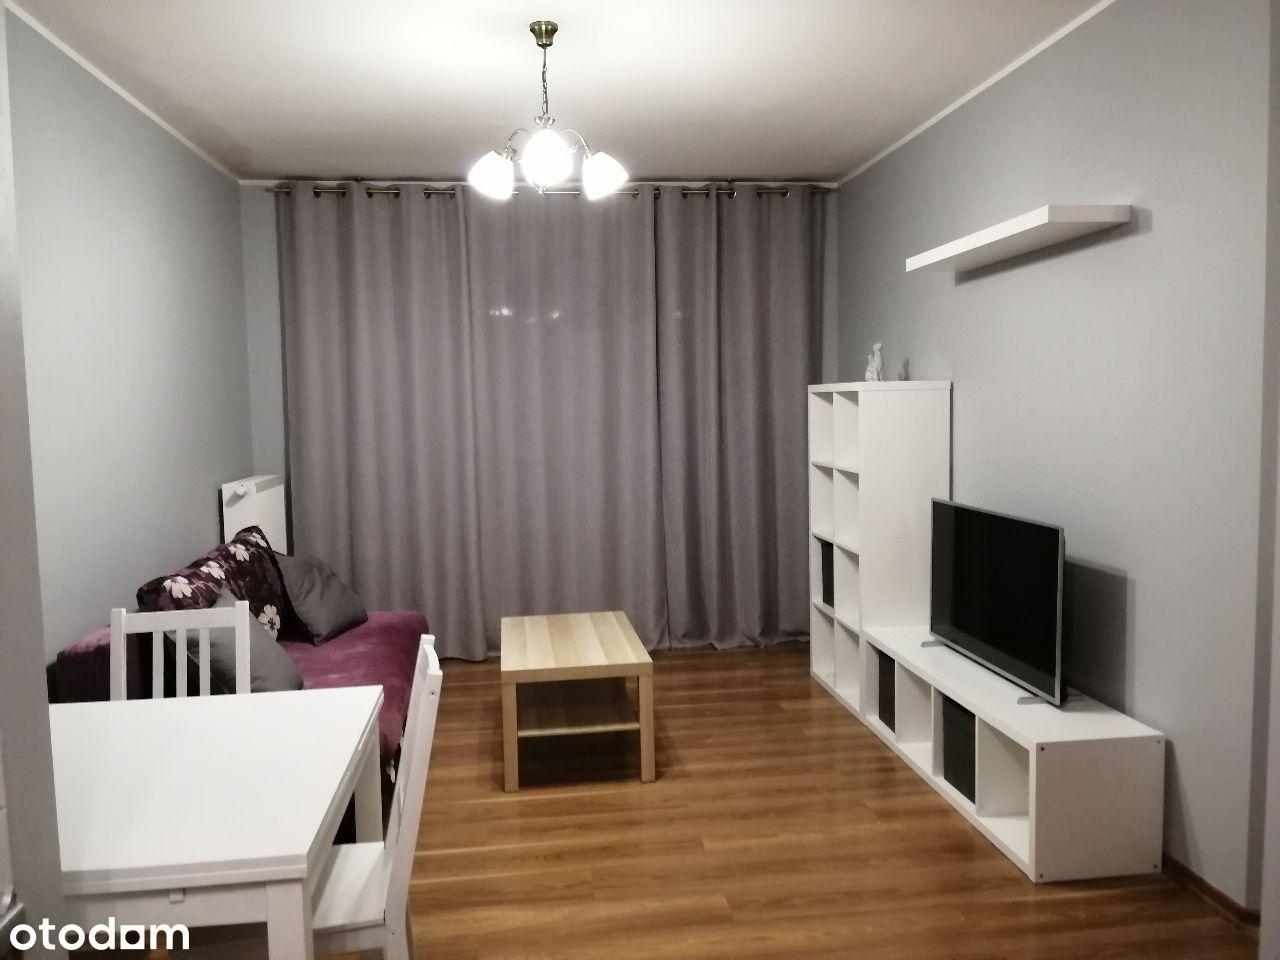 Piaseczno, 2-pokojowe mieszkanie do wynajęcia, 41m